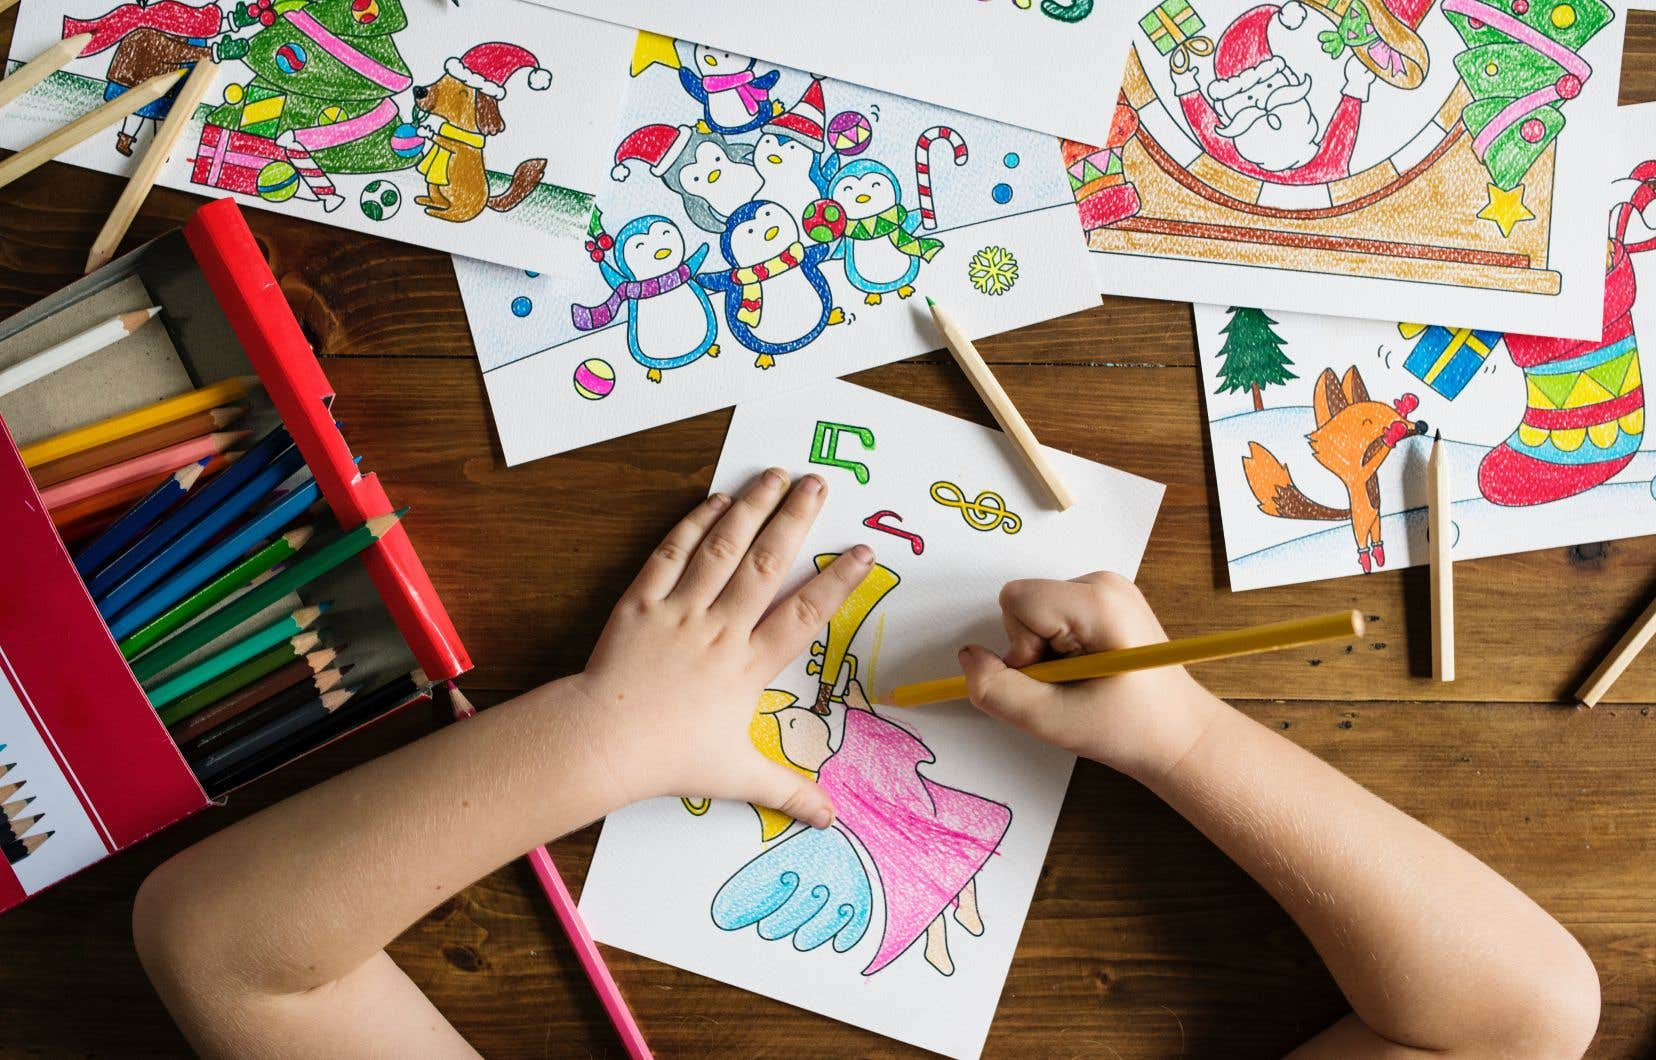 À l'heure actuelle, seulement 27% des enfants en âge d'aller à la garderie ont une place en CPE et 42000 sont sur la liste d'attente.